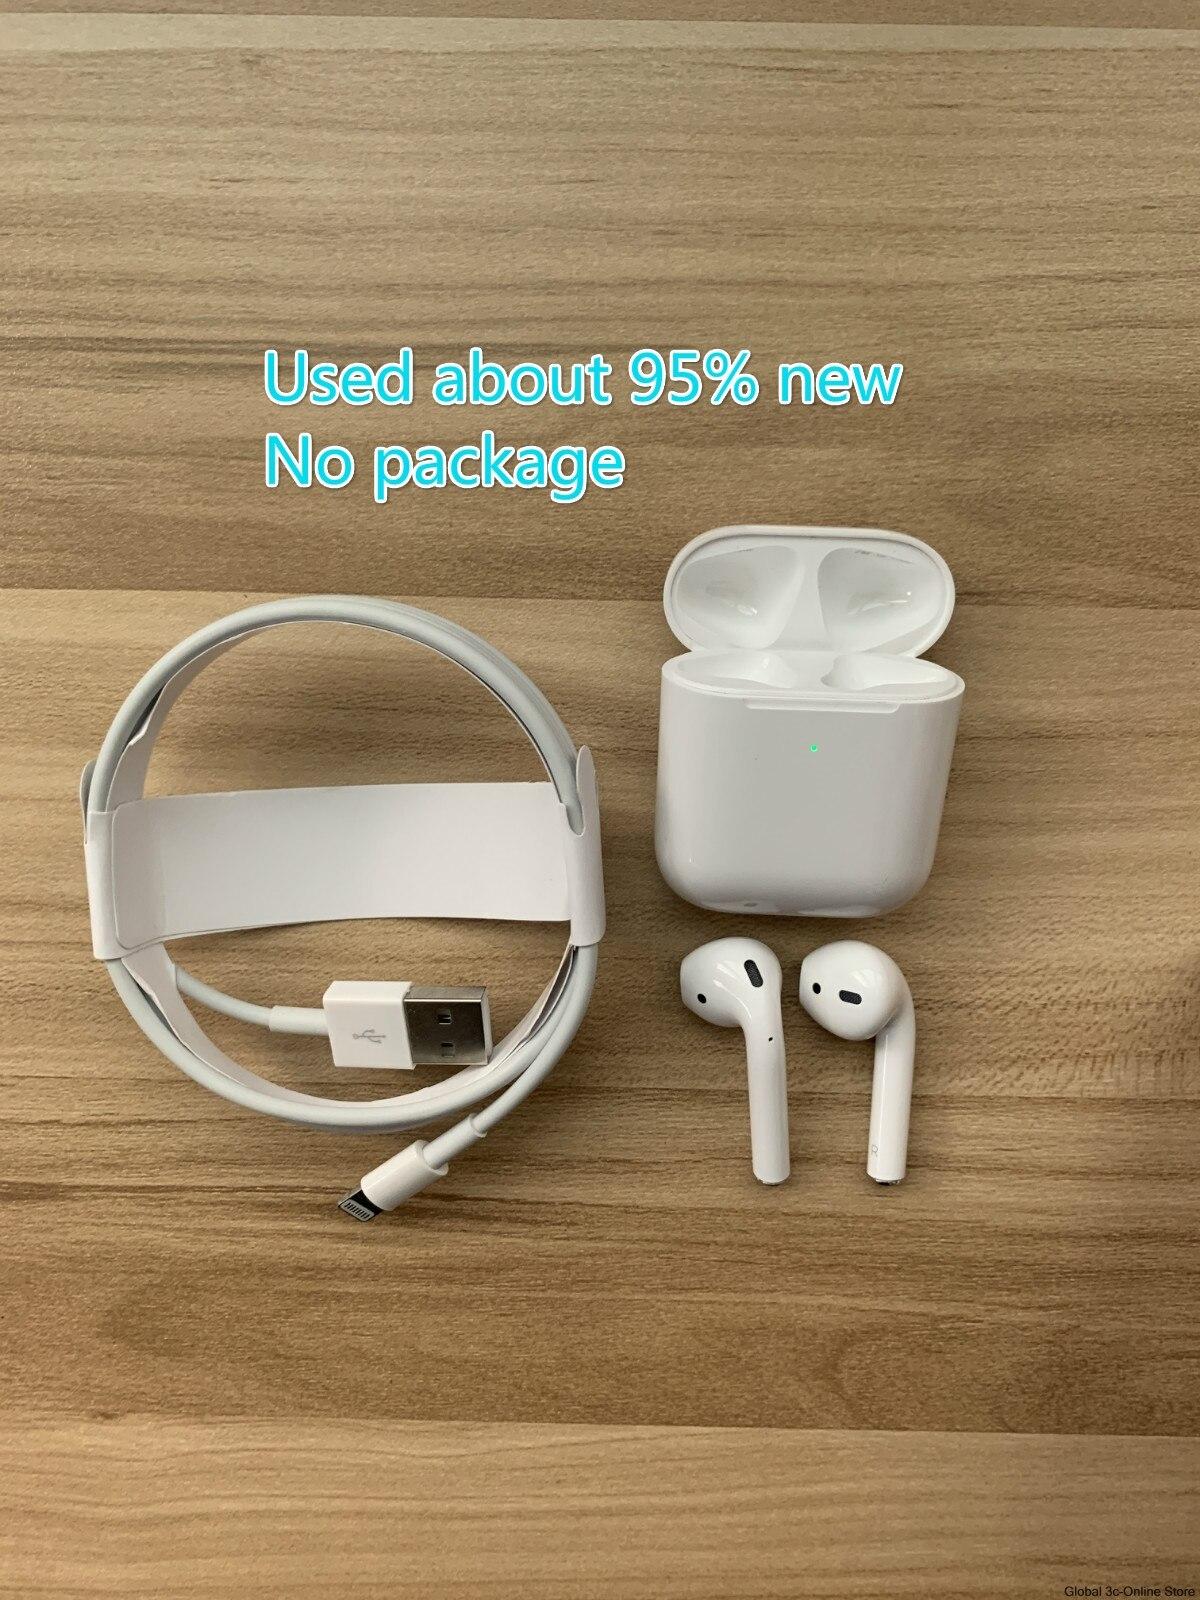 تستخدم أجهزة Apple AirPods 2nd مع علبة شحن سماعات بلوتوث سماعات لاسلكية نغمات توصيل سيري آيفون آي باد ماك